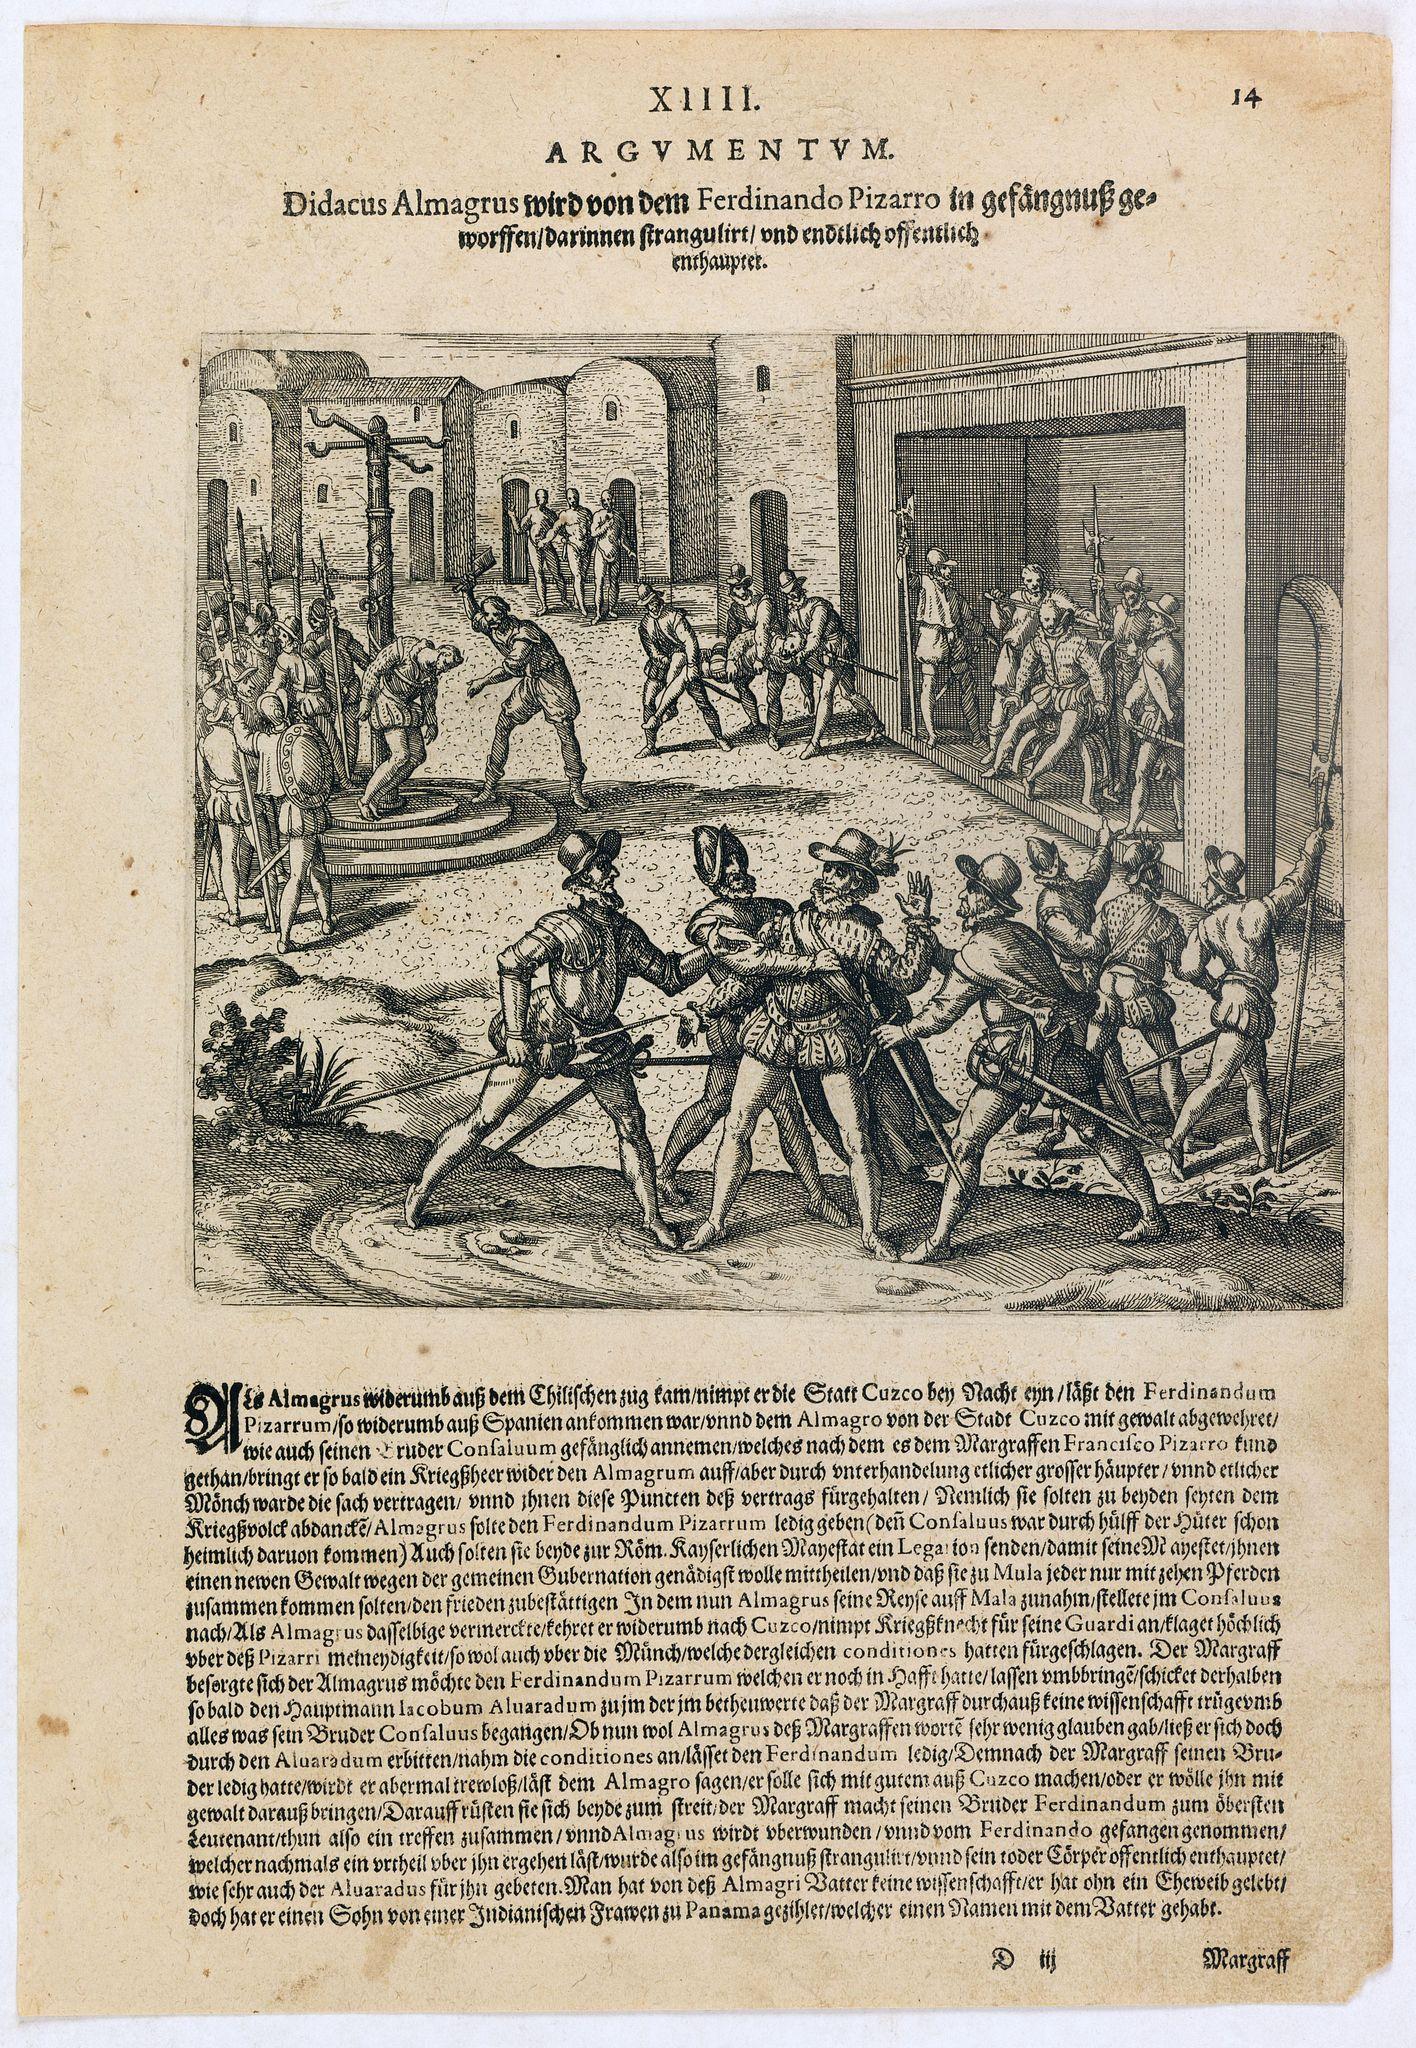 DE BRY, Th. -  Didacus Almagrus wird von dem Ferdinando Pizarro in gefängnuss geworffen darinnen strangul. . .